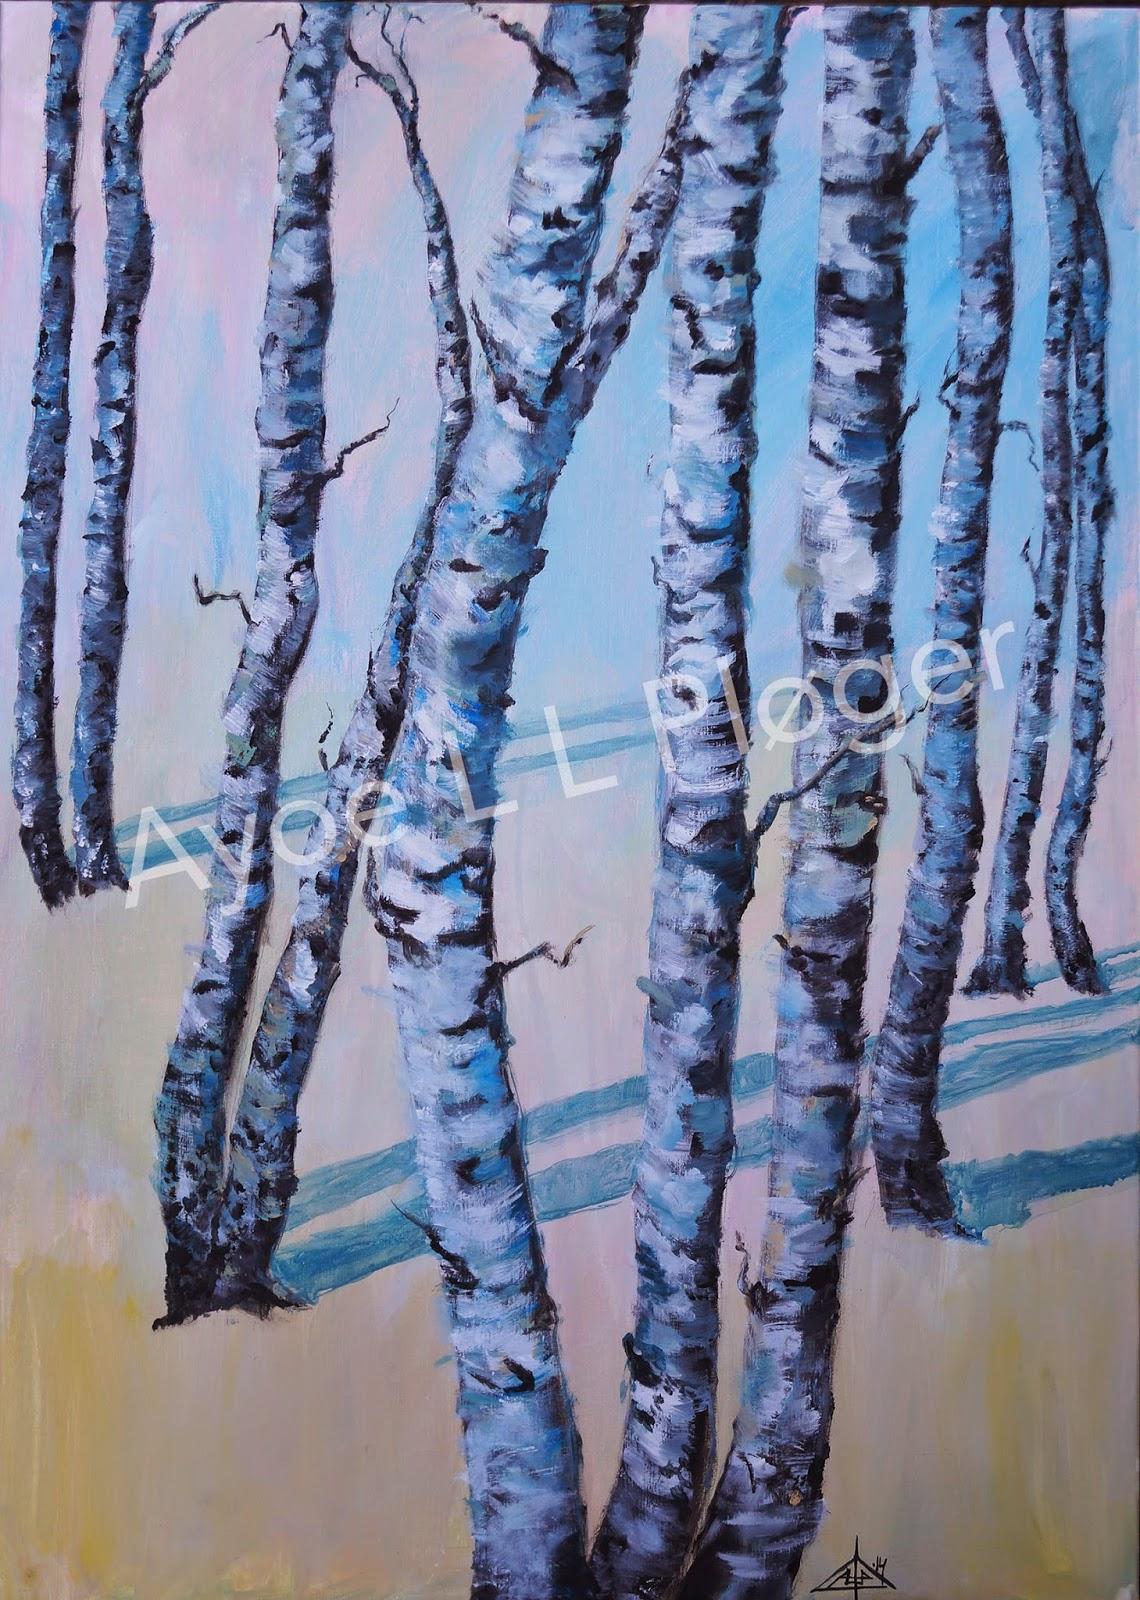 Kunst, maleri, acryl on canvas, birketræer, moderne kunst, skov, ro